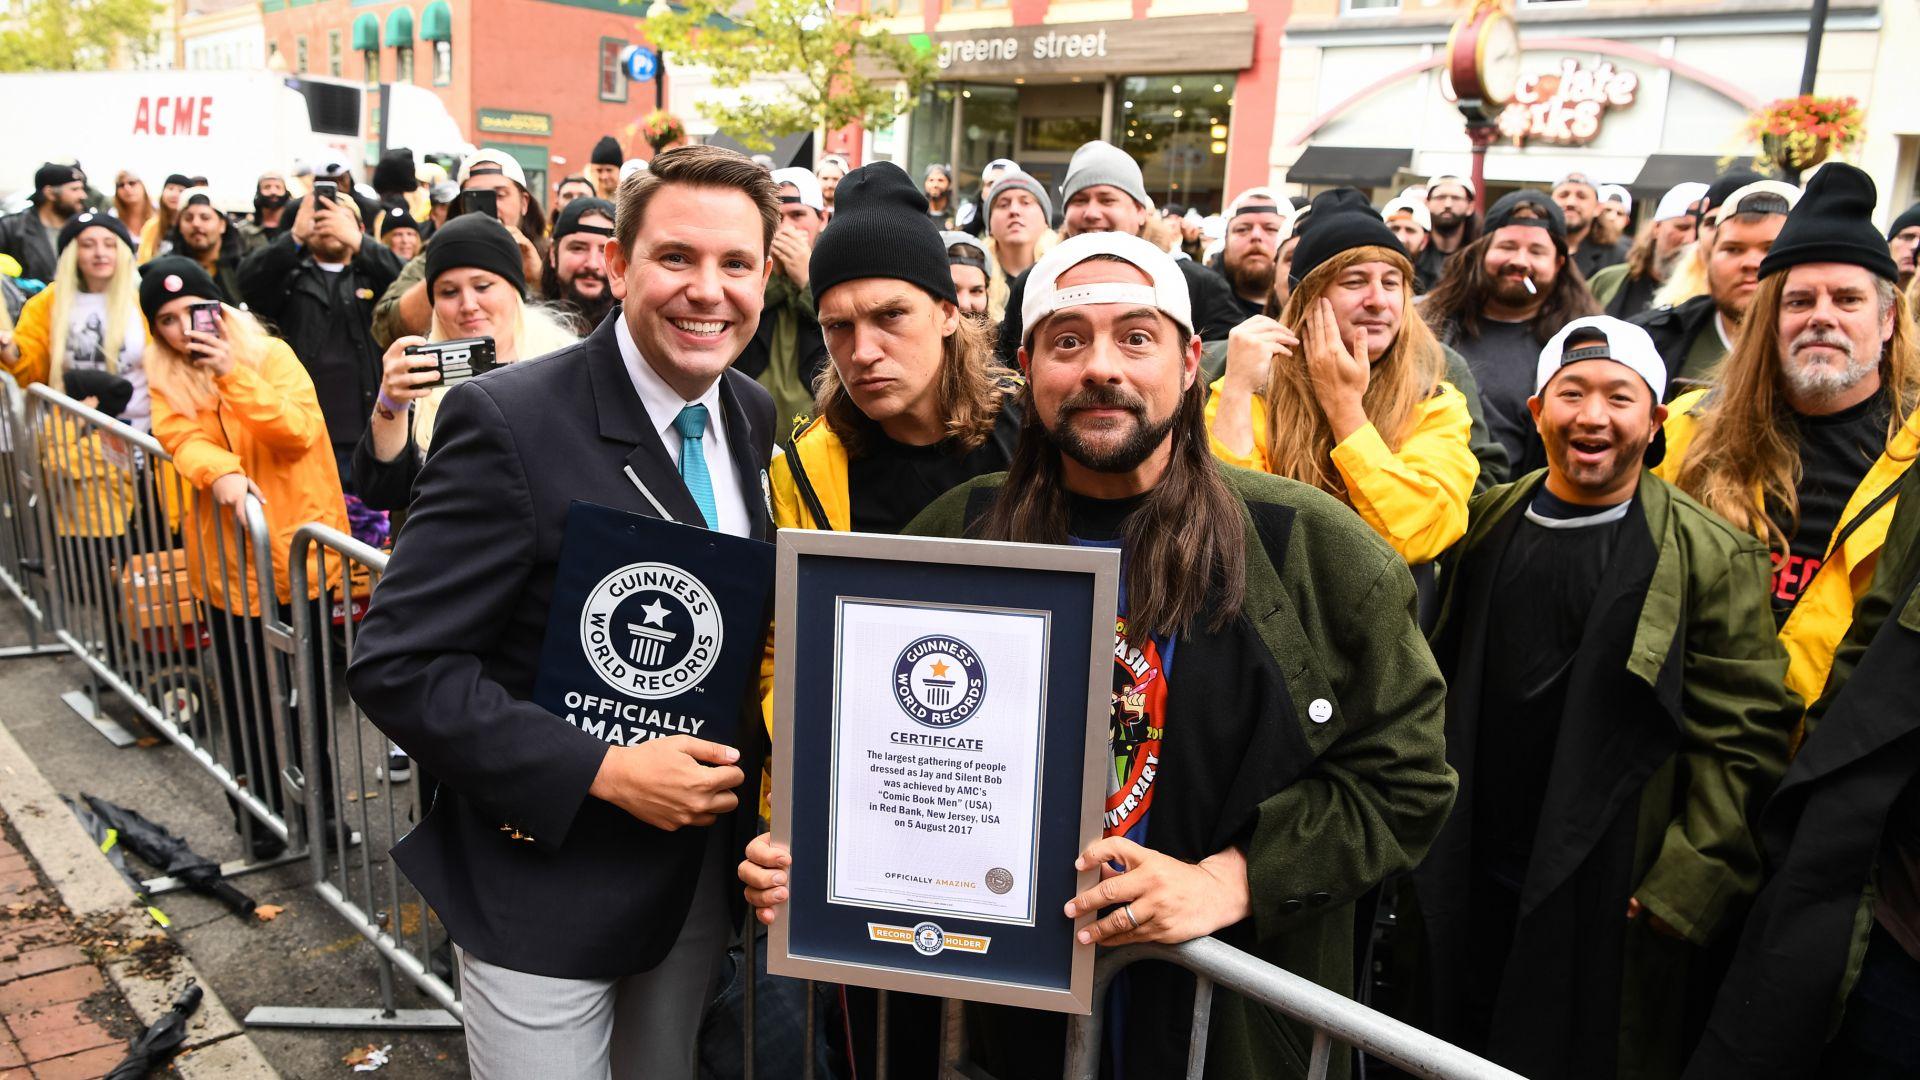 Tи си за Гинес! Уличните постижения, които са в Книгата за рекордите!